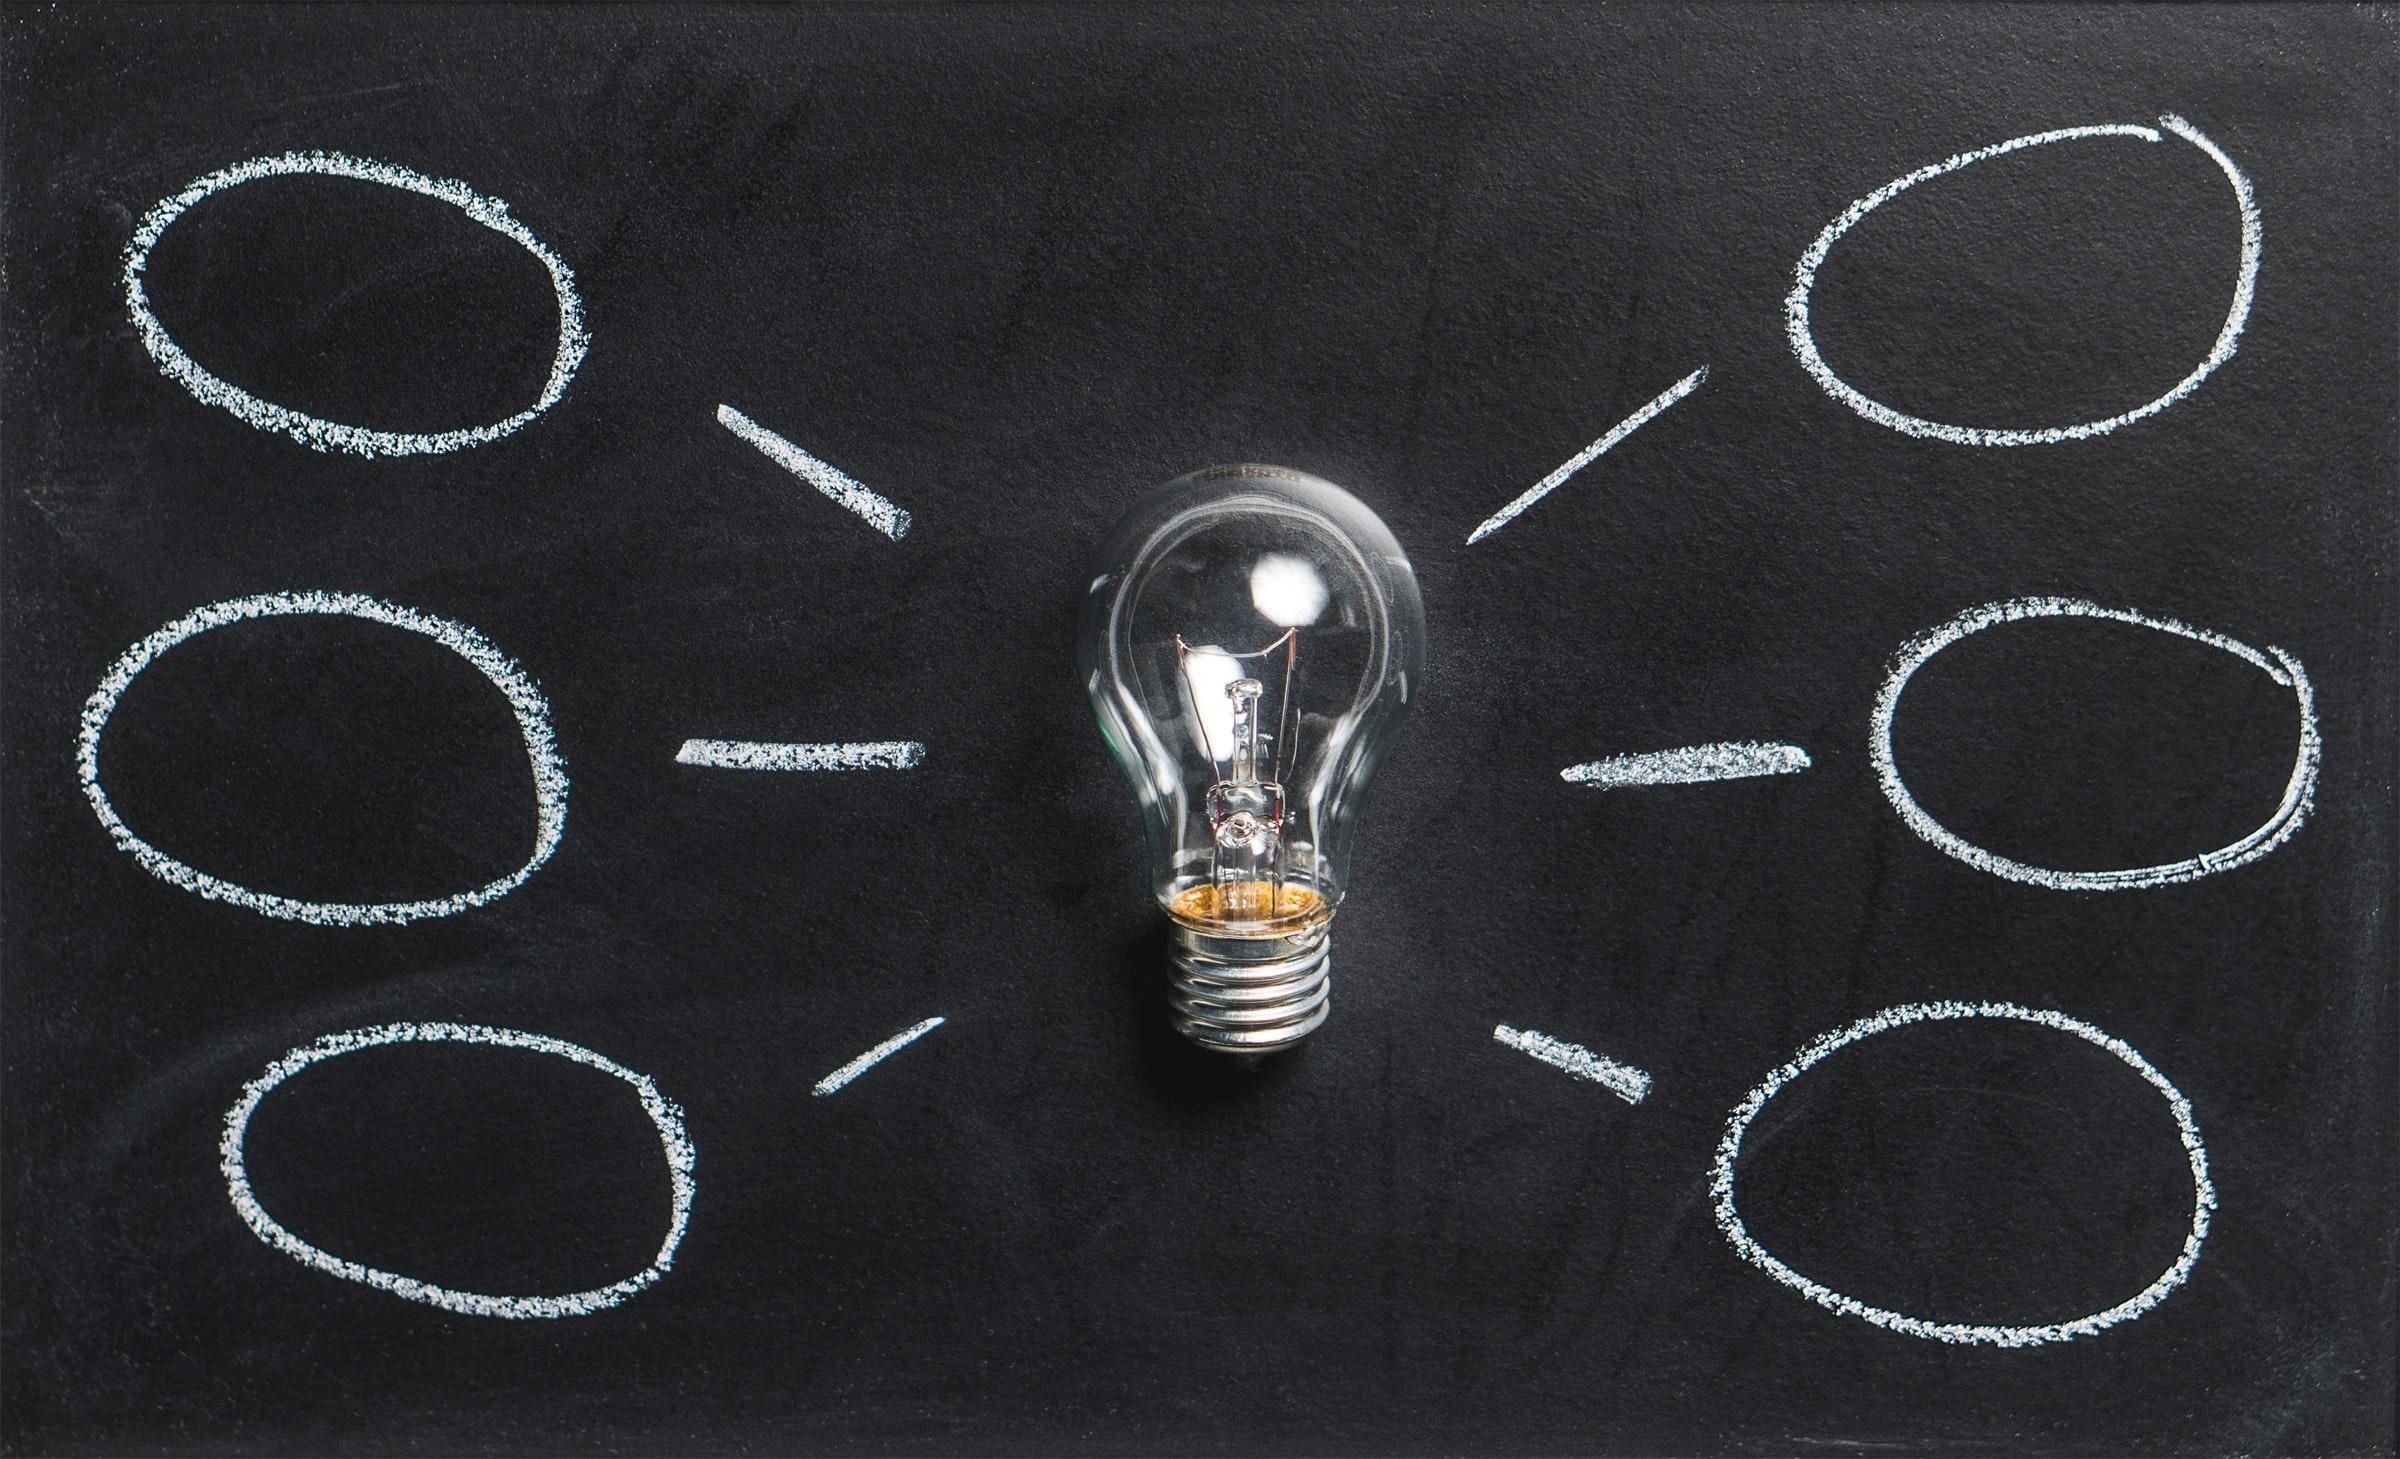 Auf LinkedIn bieten sich unzählige Möglichkeiten das eigene Unternehmen als Wunsch-Arbeitgeber, Partner oder Anbieter und Experte zu präsentieren